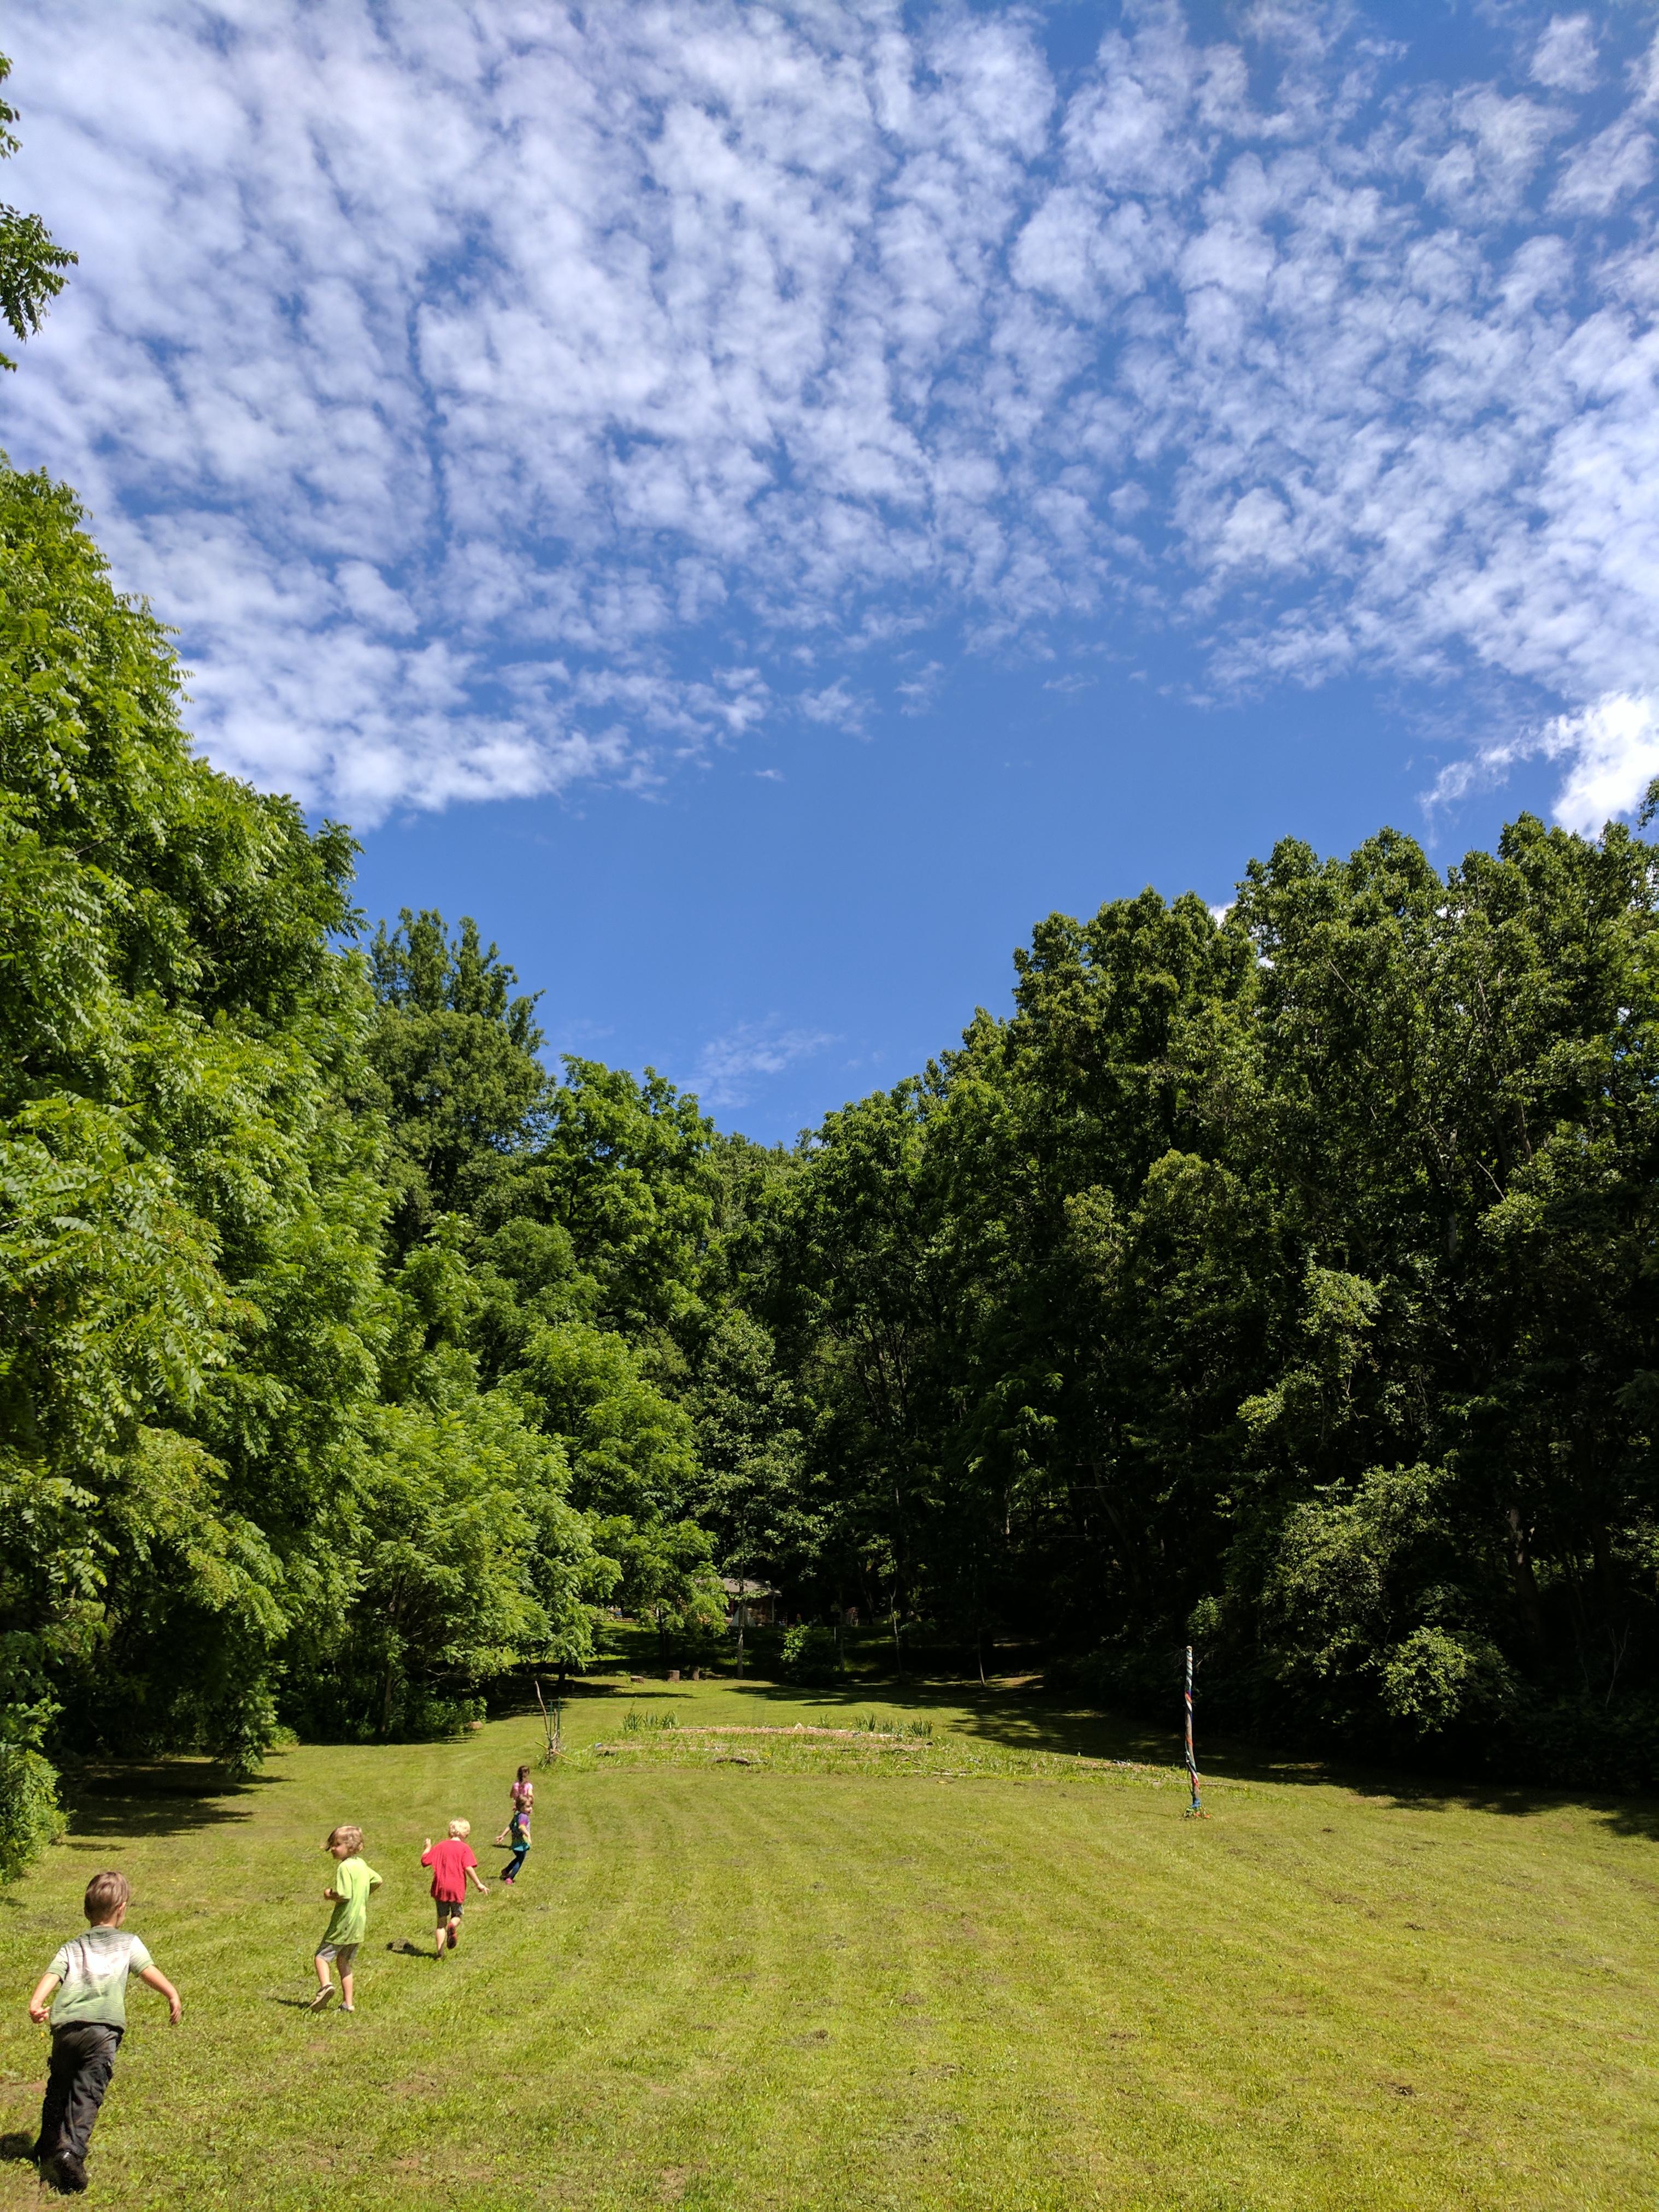 Ashevillefarmstead-kids-field-nature